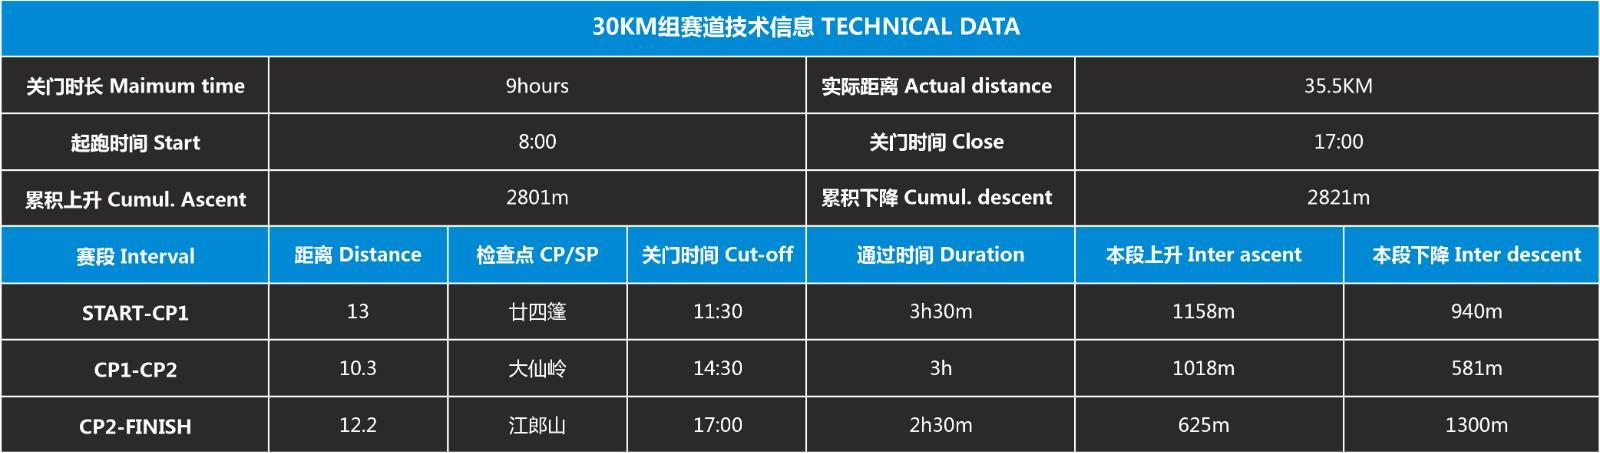 30公里组赛道数据.jpg